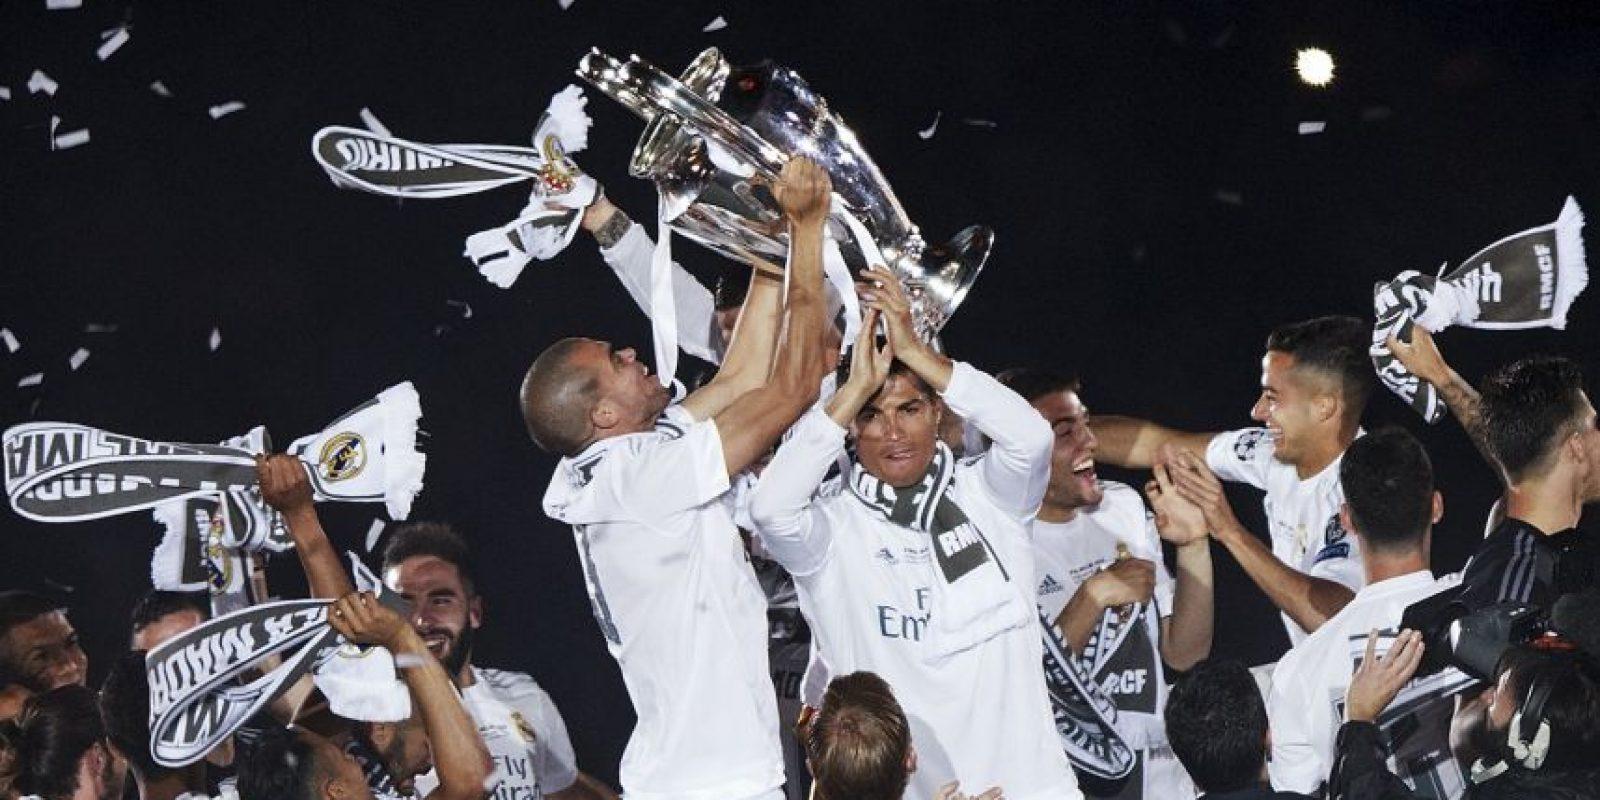 Sólo diez jugadores habían podido ganar la Champions League y la Eurocopa en la misma temporada Foto:Getty Images